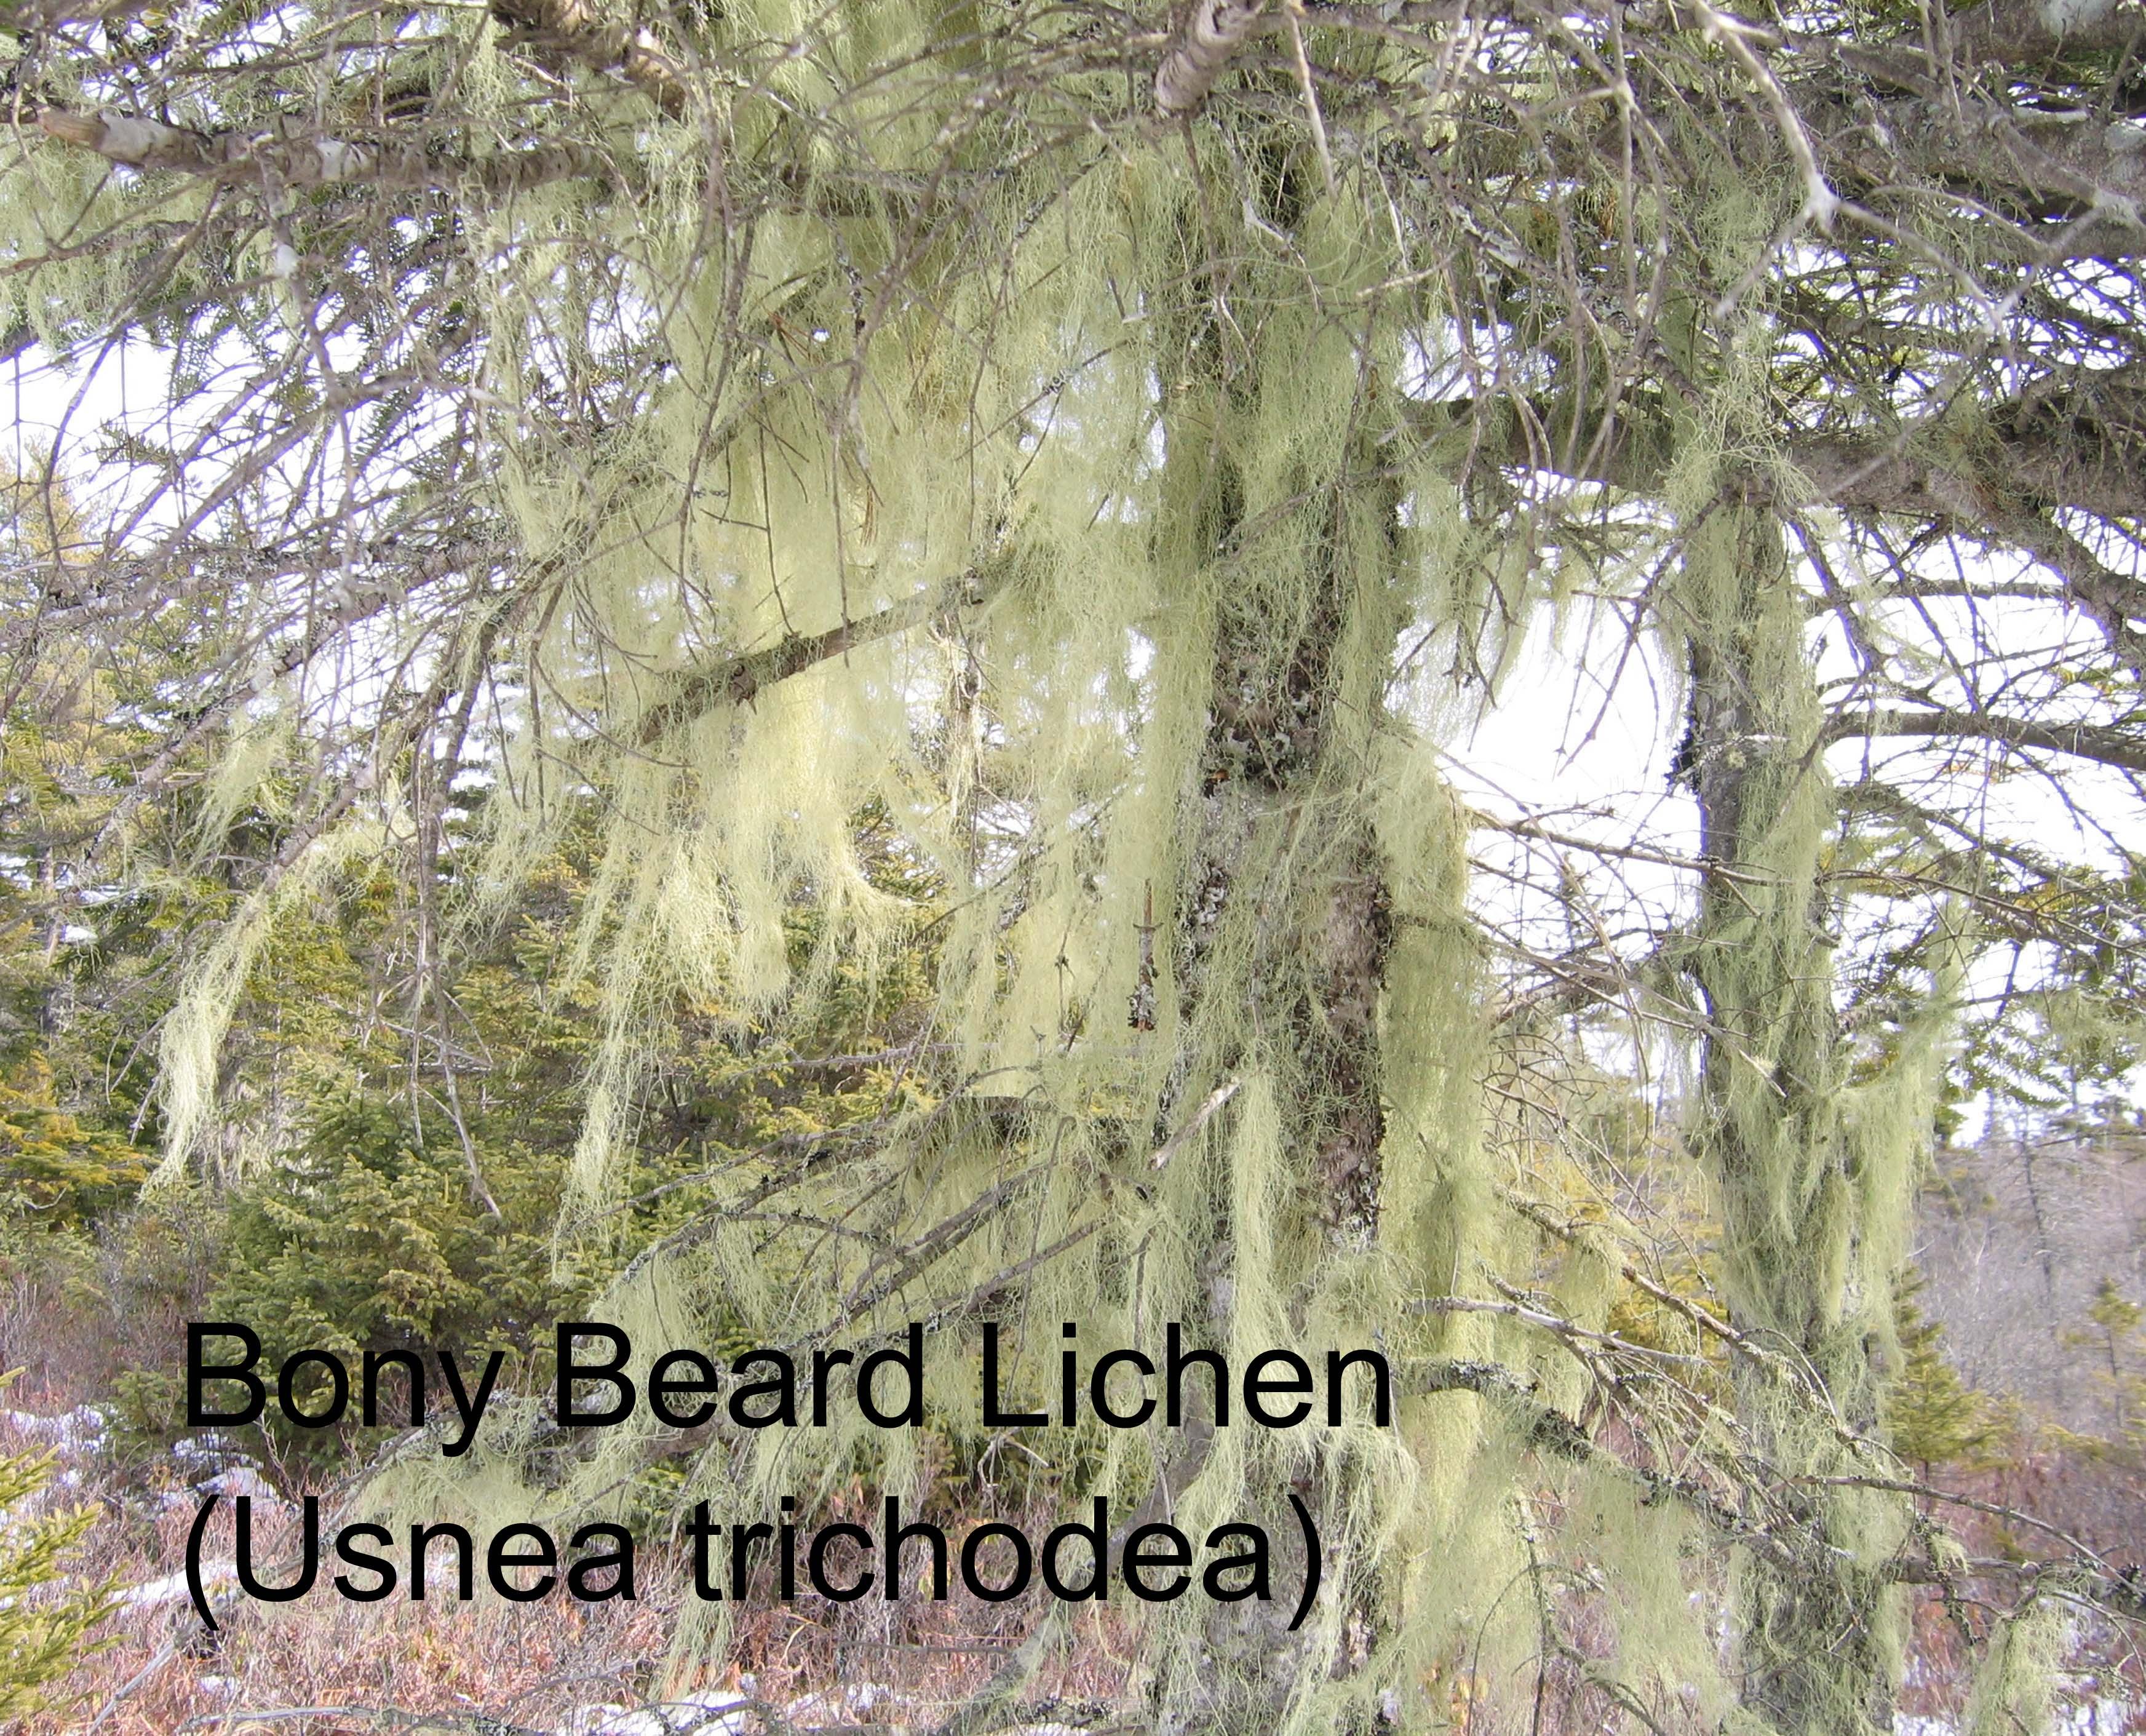 Lichen Usnea trichodea